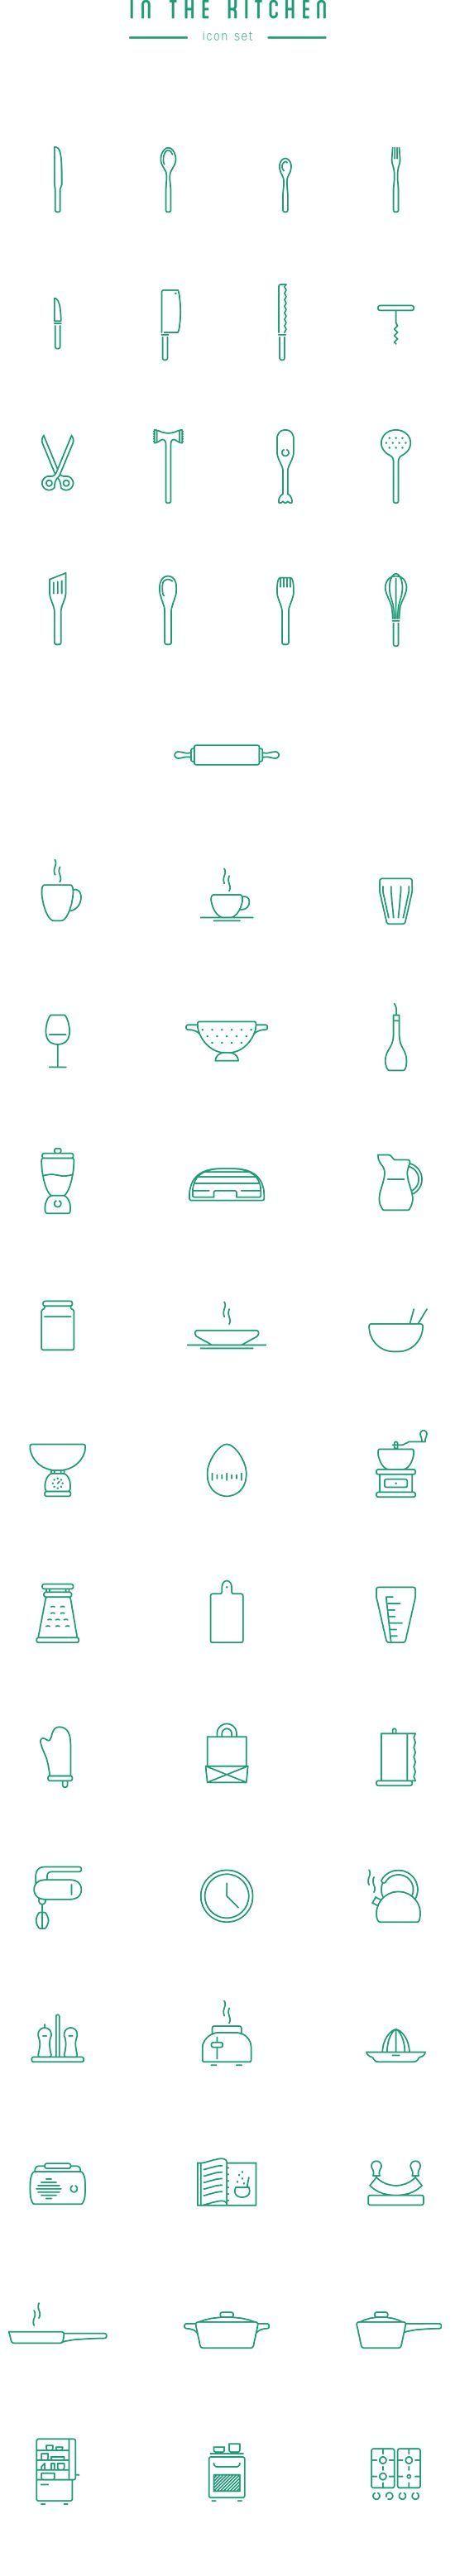 15 packs d'icons spécialisés par domaine à télécharger gratuitement | Blog du Webdesign